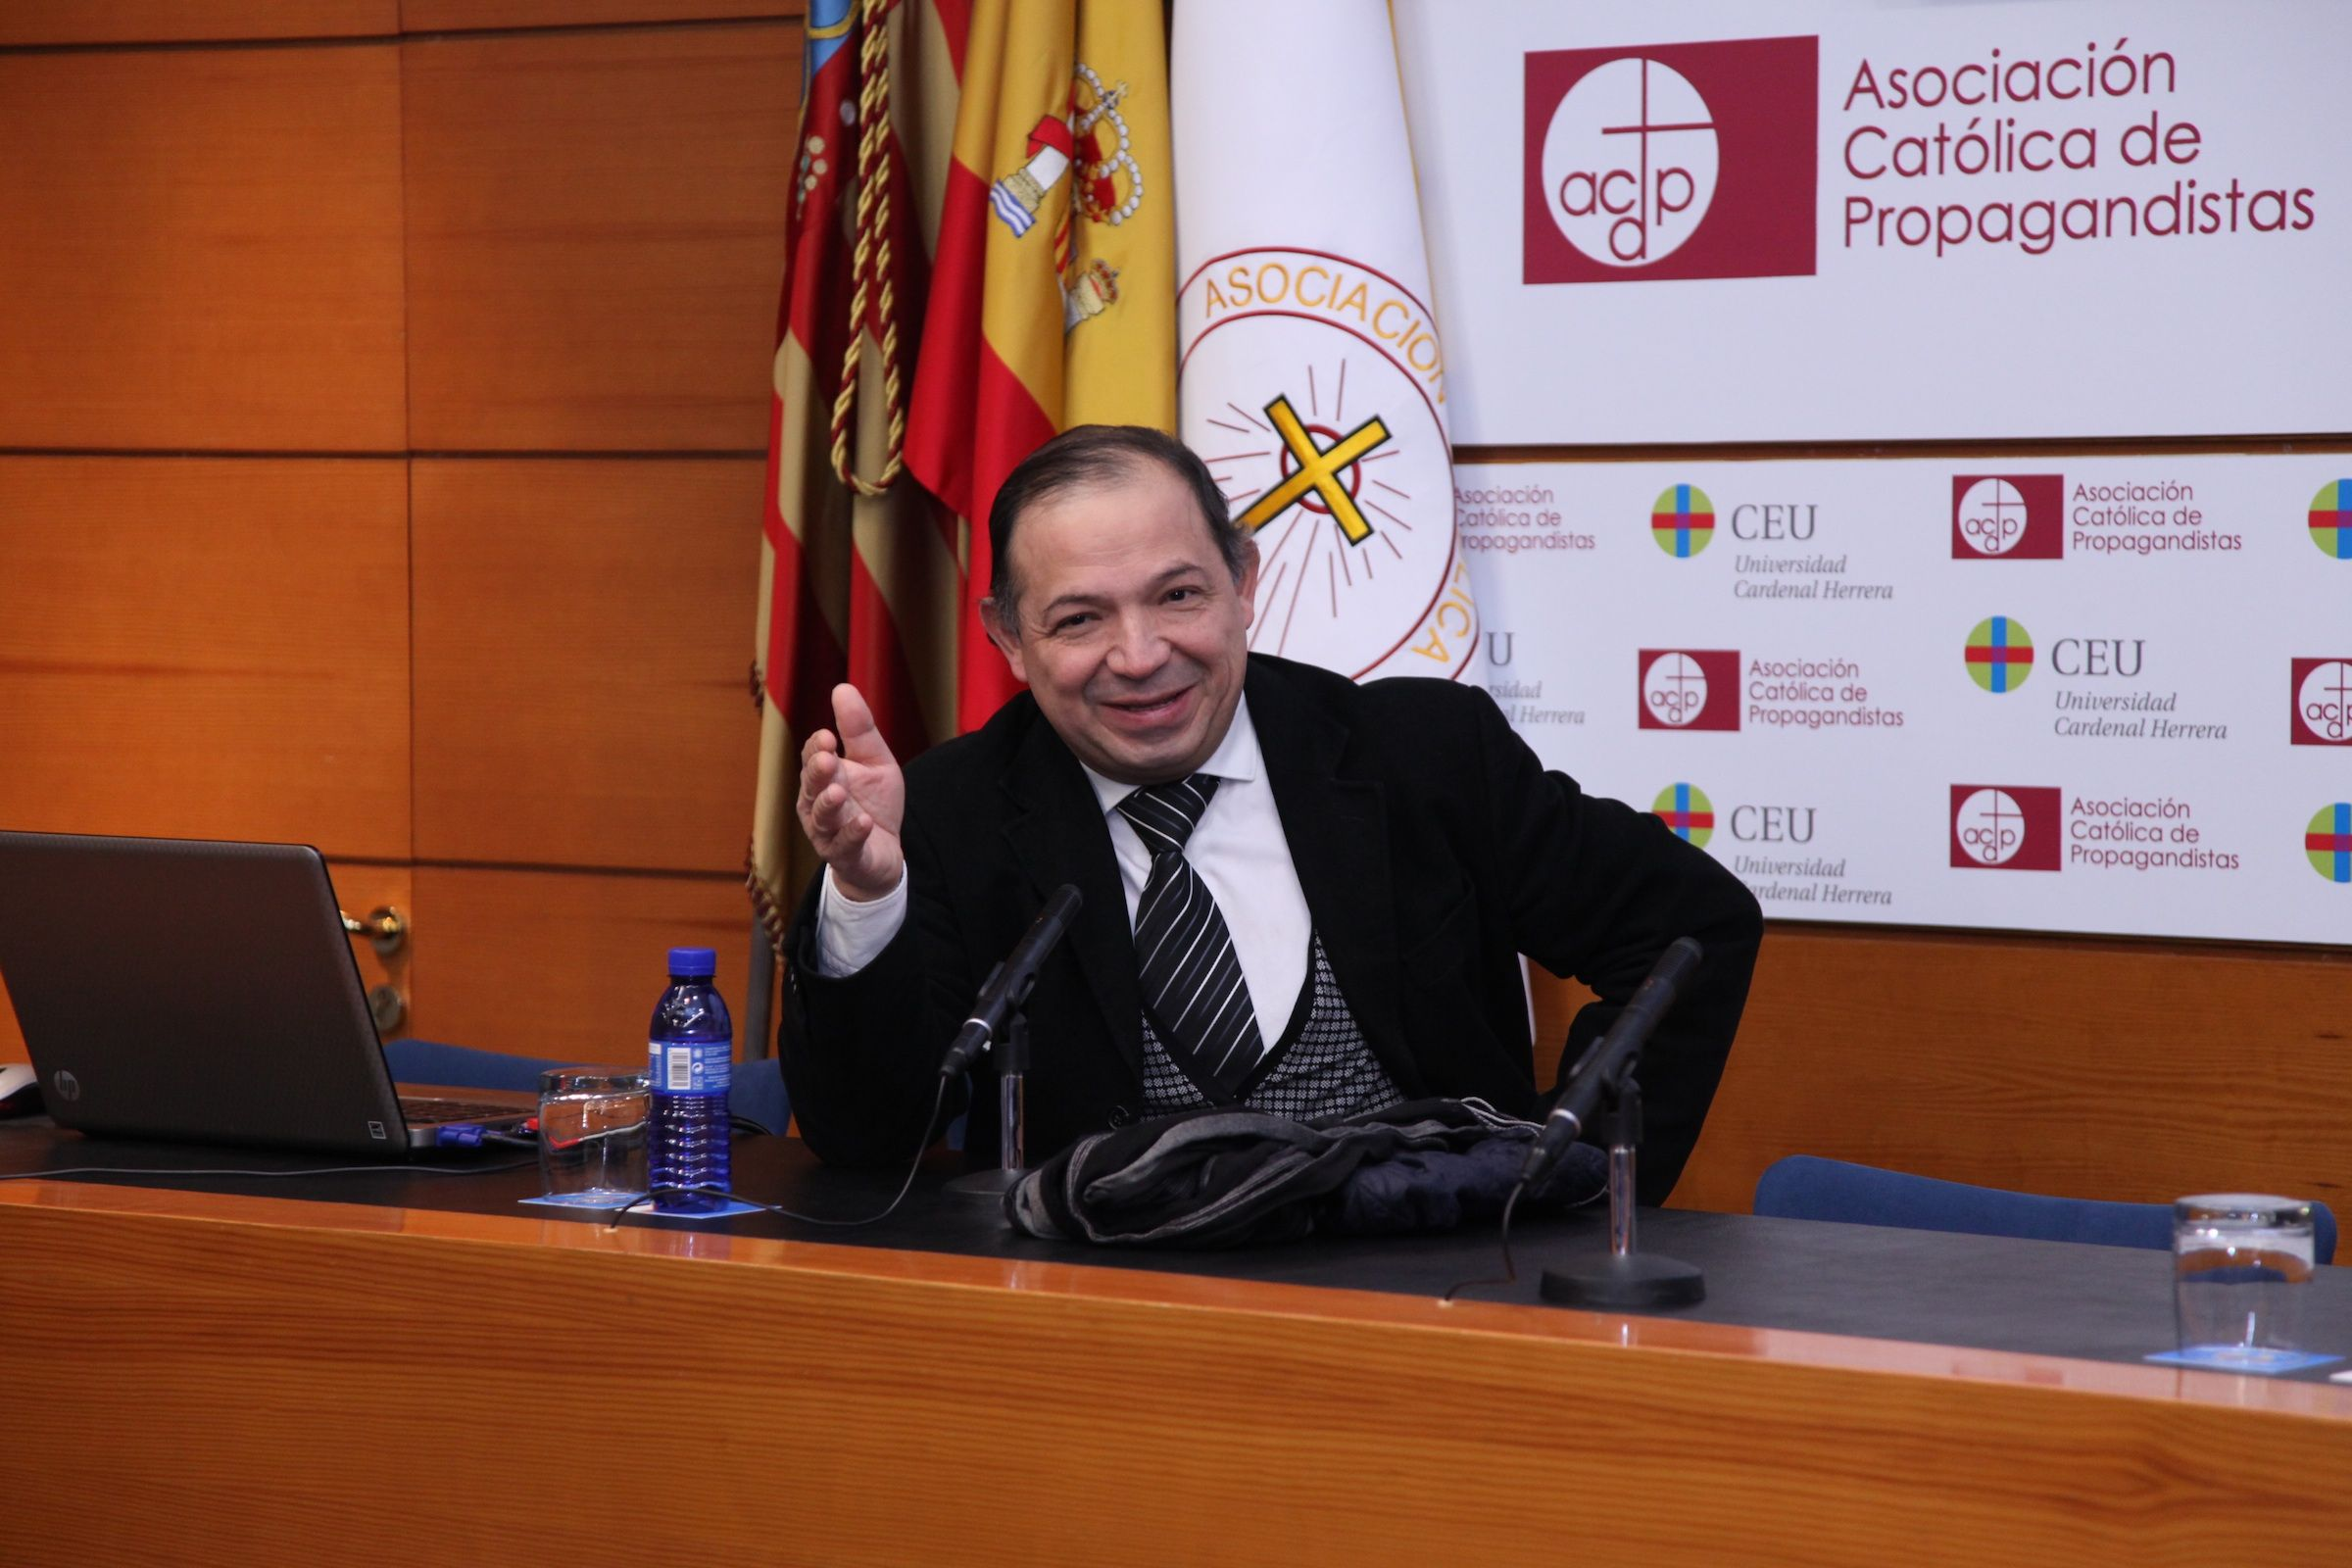 El doctor Vera en su conferencia sobre bioética y trasplantes, en la CEU-UCH.